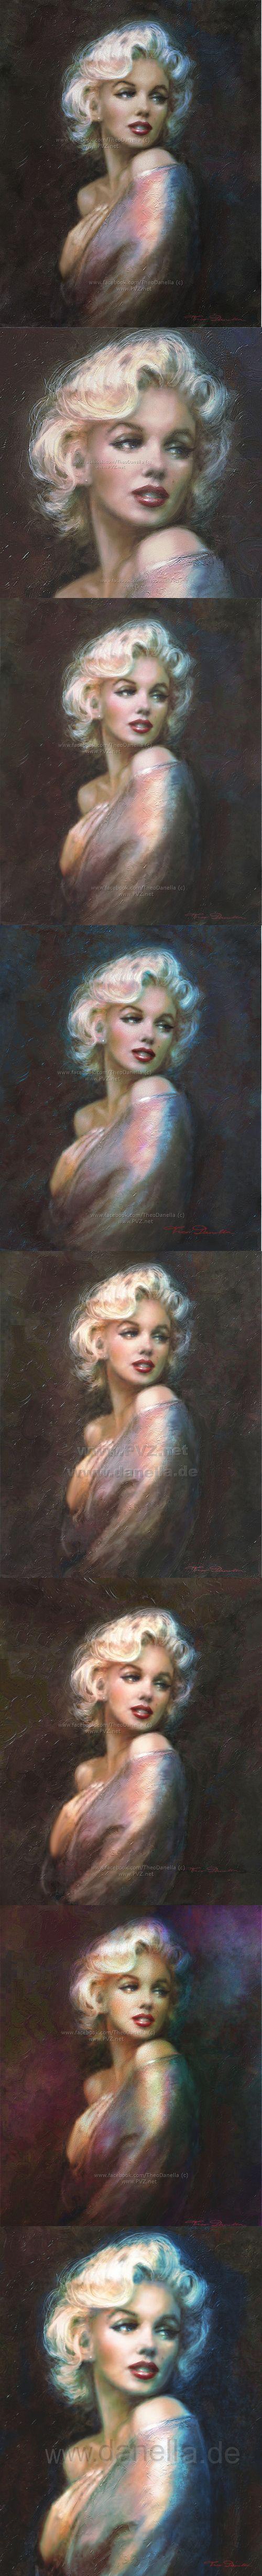 www.facebook.com/TheoDanella   ✿   ART Shops:   http://www.pvz.net  www.redbubble.com/people/theodanella ✿